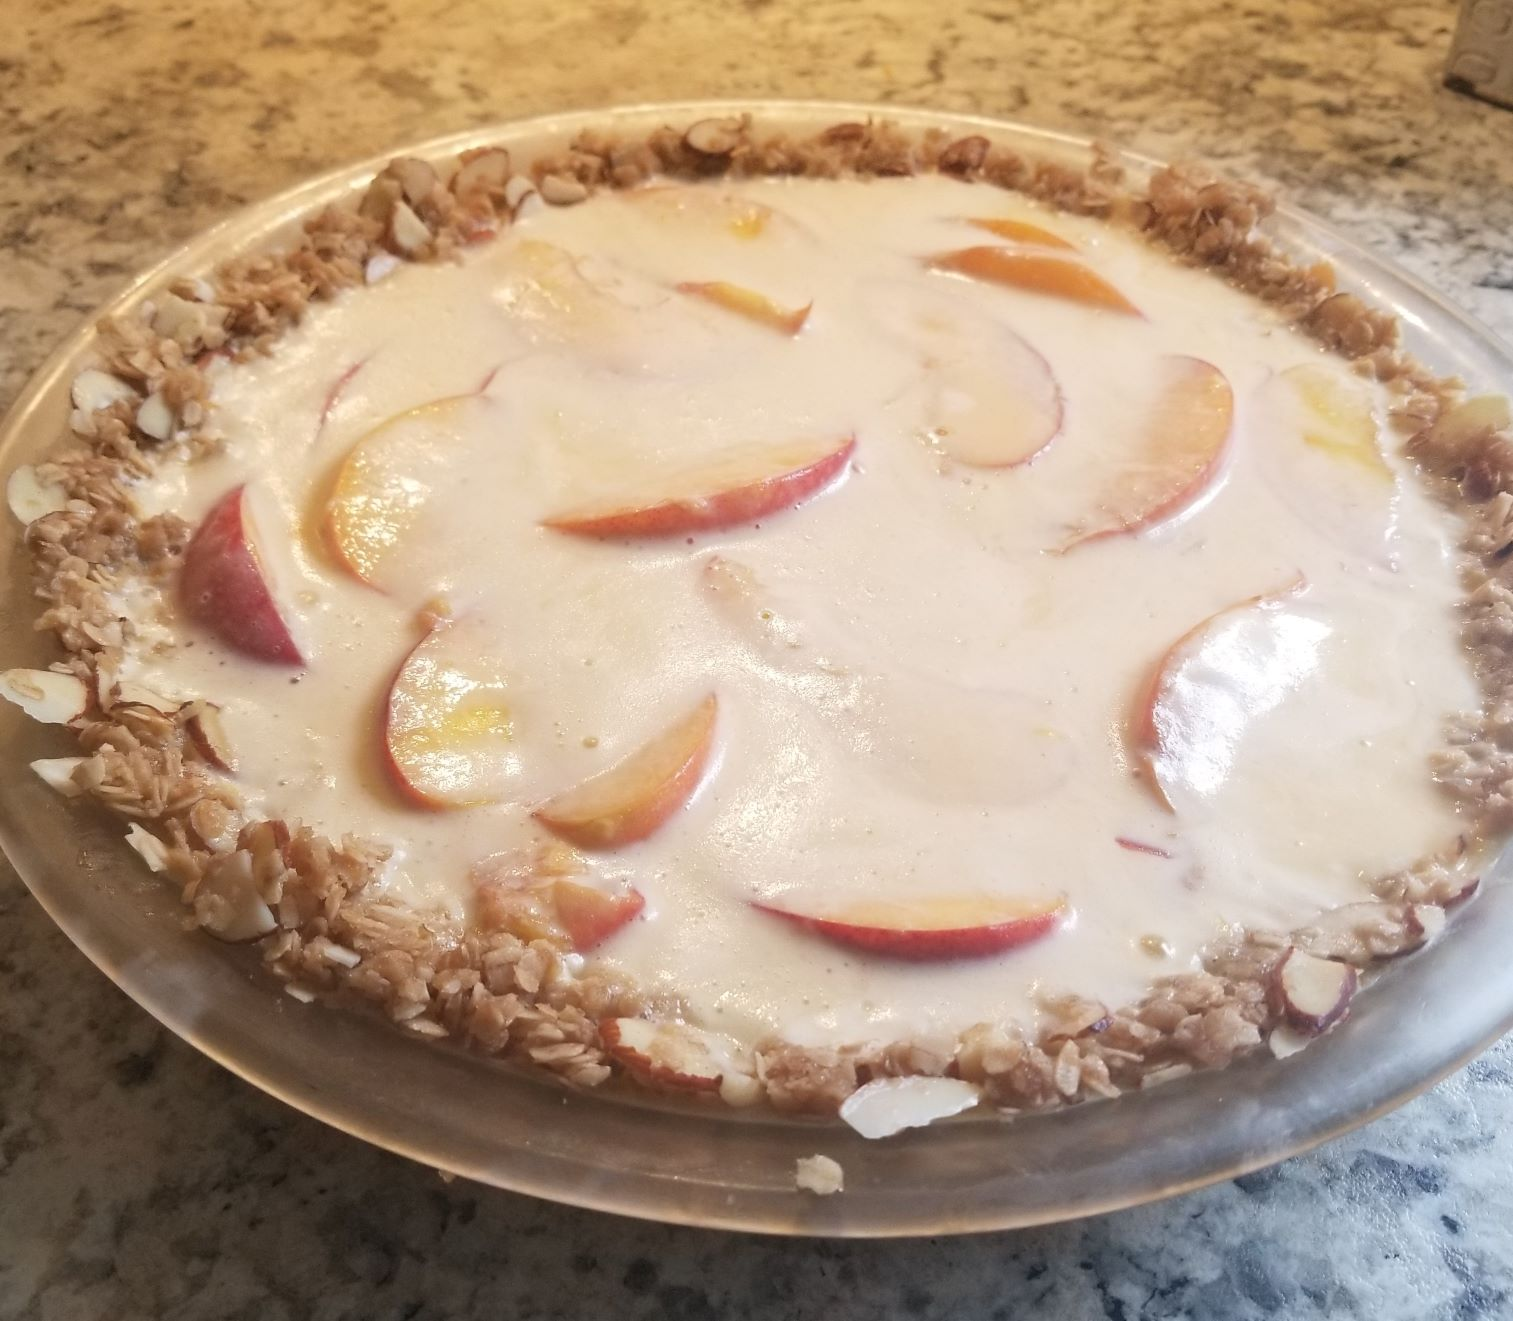 Nana's Peach Parfait Pie